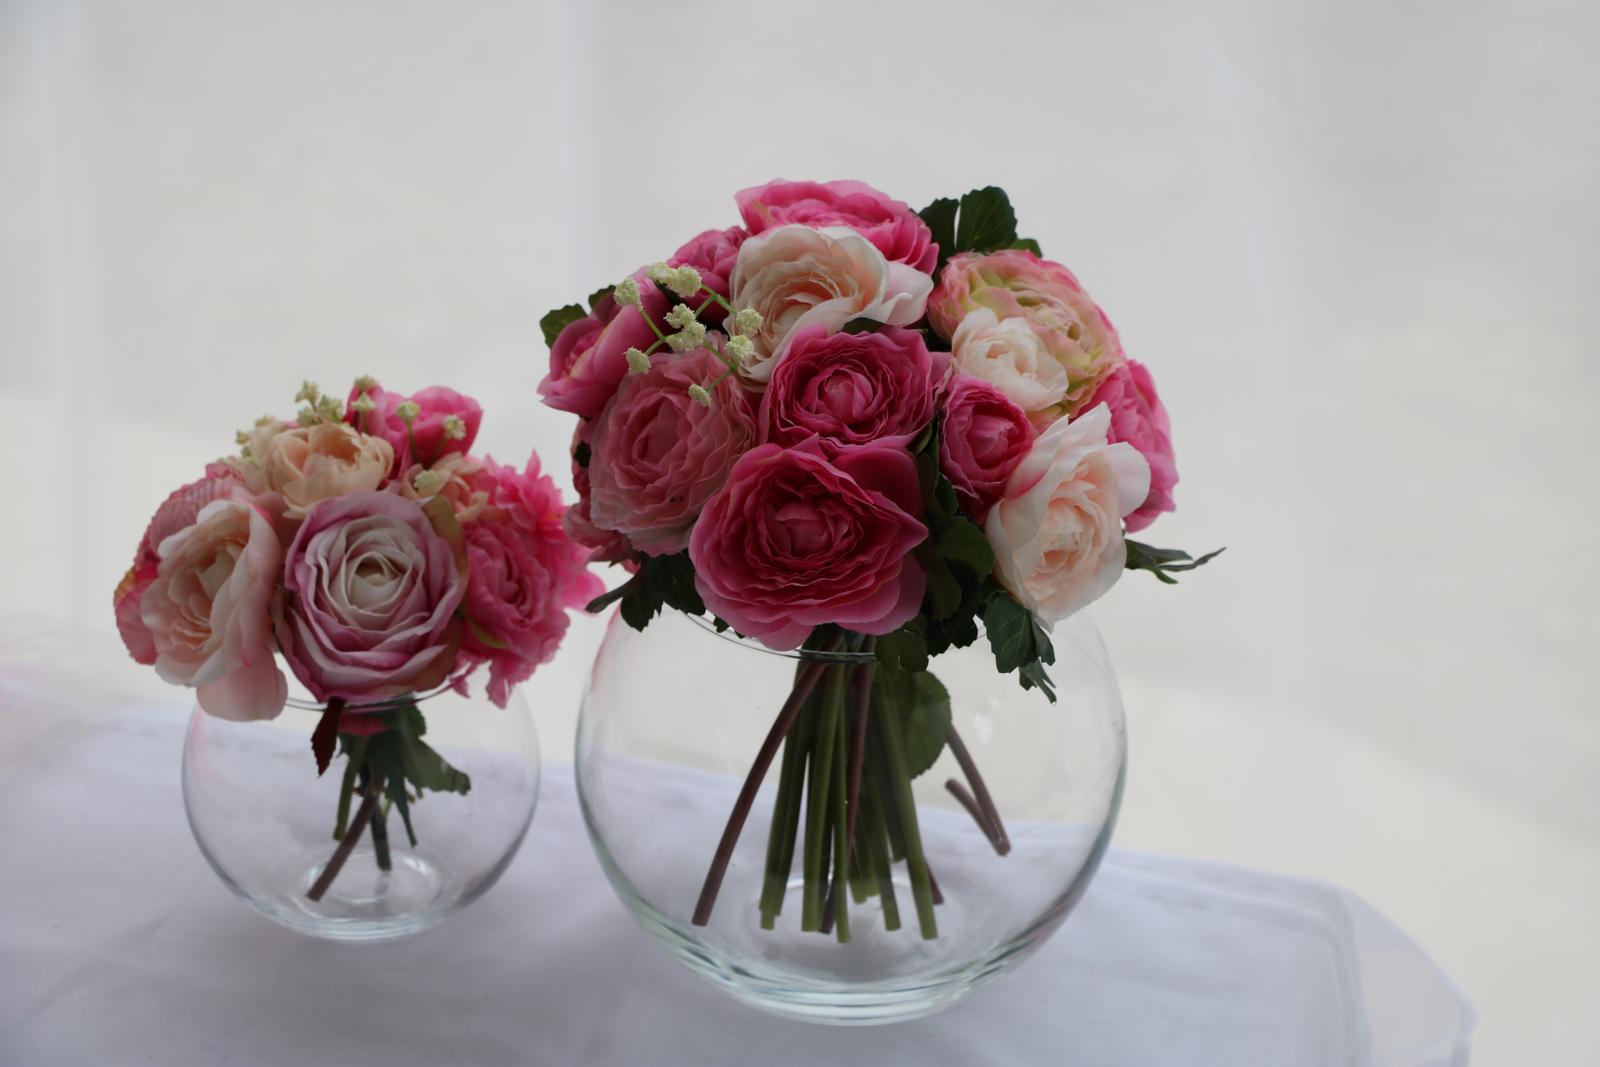 umelé kytice - Obrázok č. 3